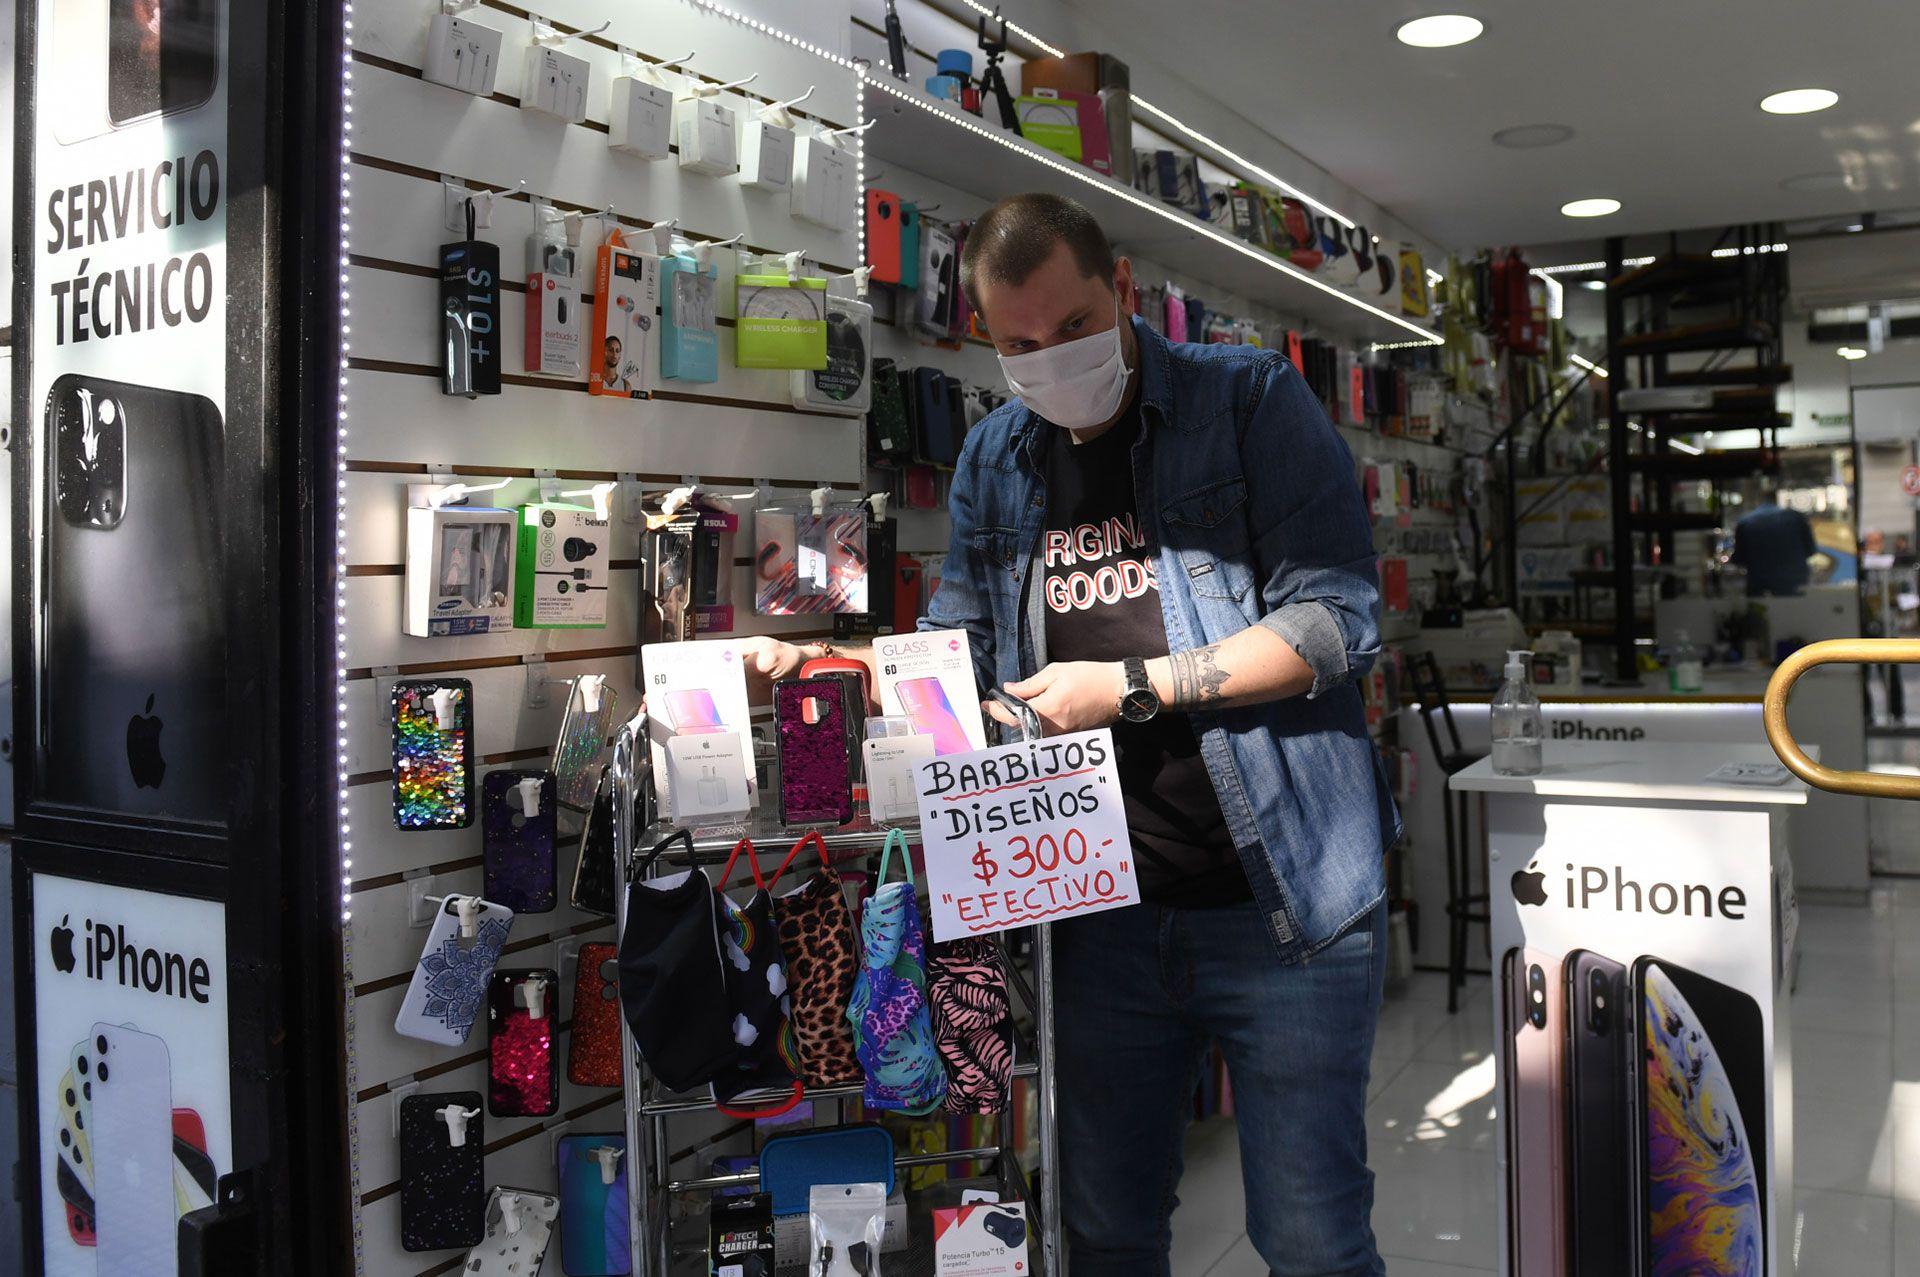 Algunos locales también sumaron la venta de barbijos para atraer clientes